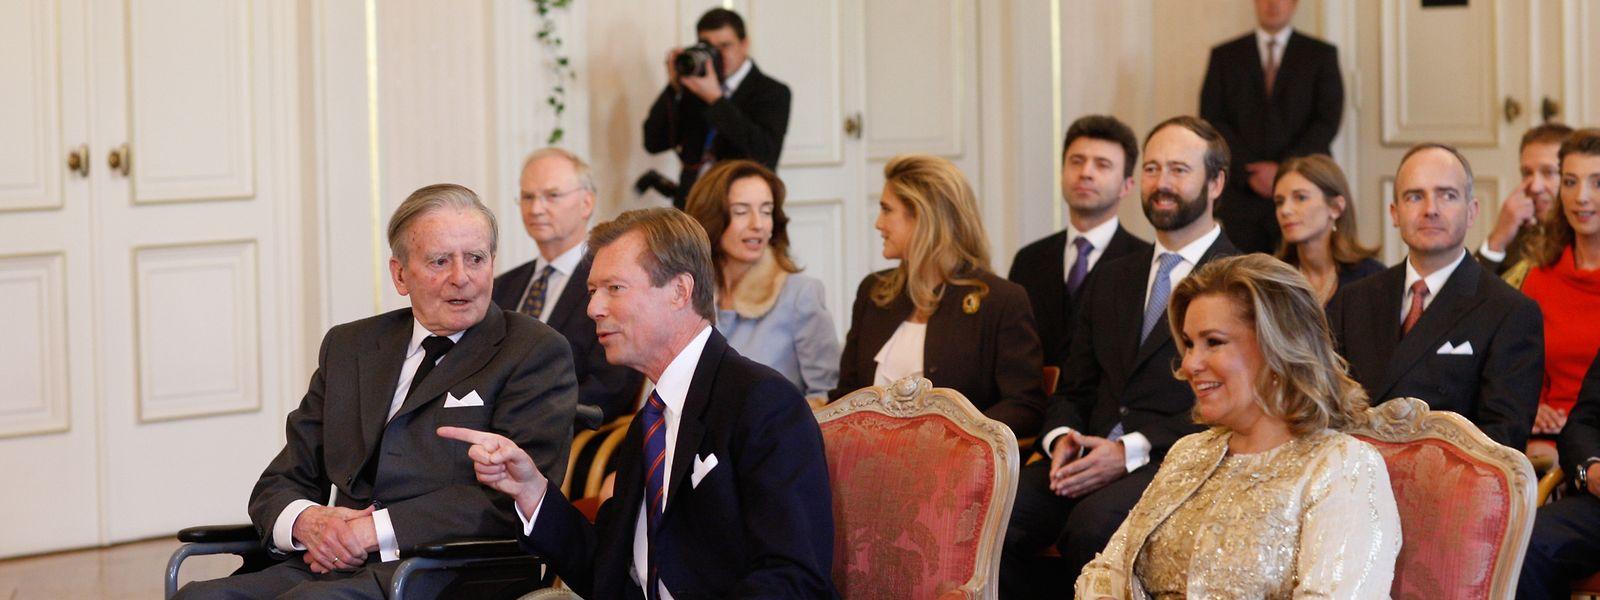 Le comte Philippe de Lannoy (à gauche) en octobre 2012 lors du mariage civil de sa fille à Luxembourg.